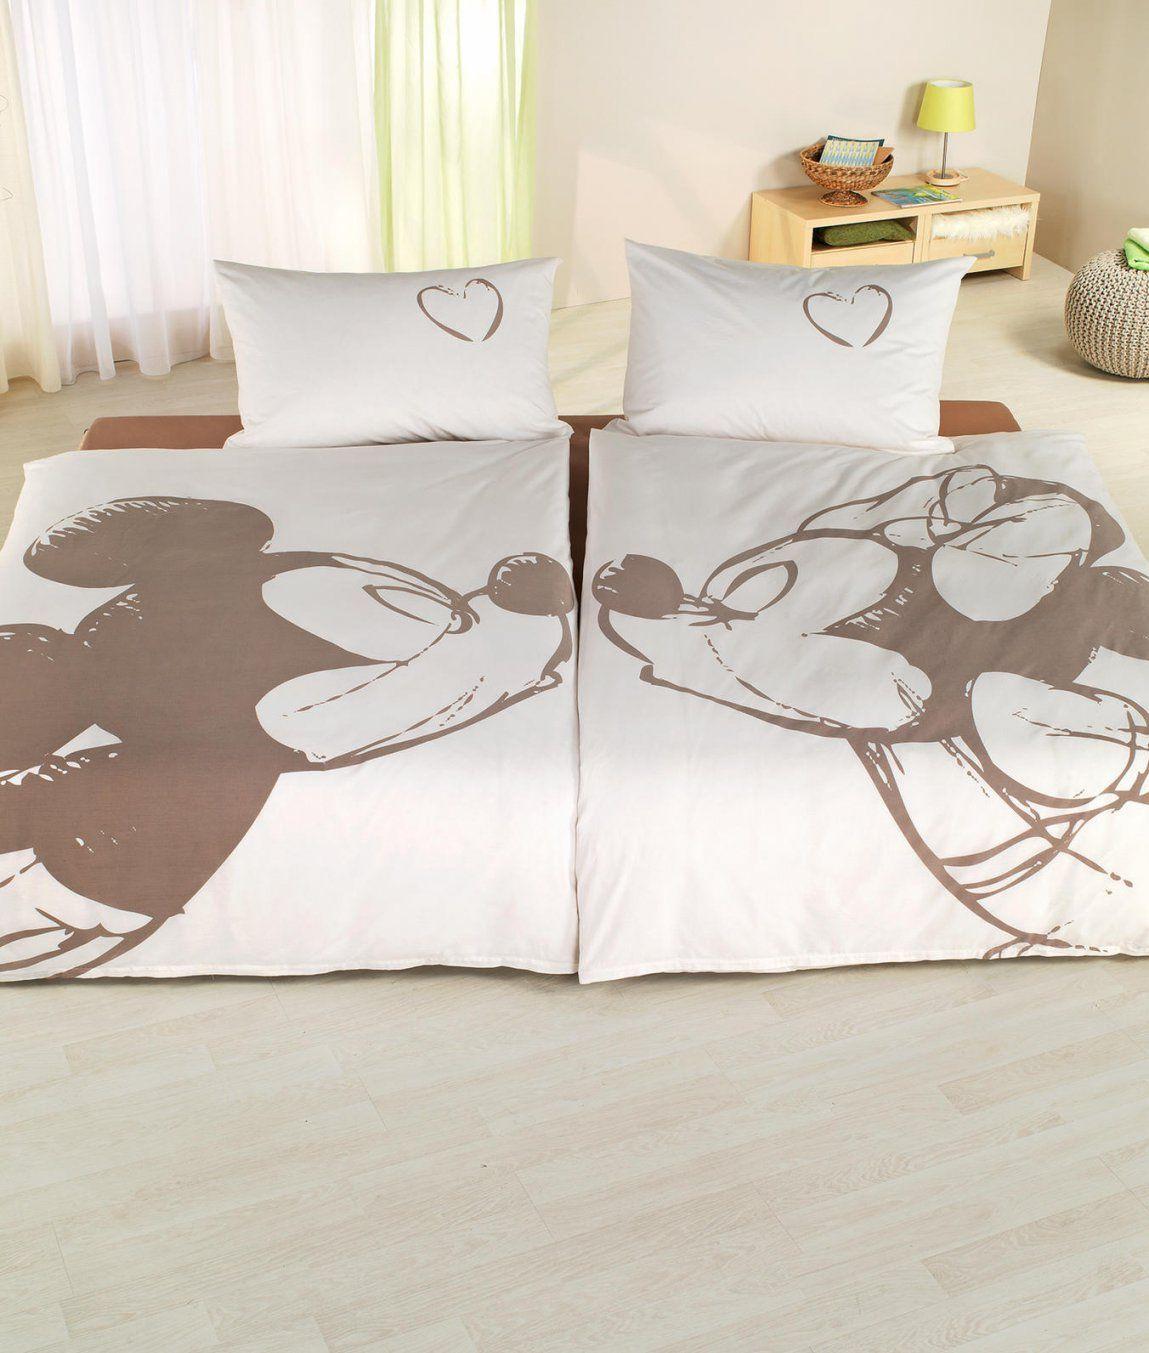 Mickey Mouse Partnerbettwäsche Im 2Erset Kaufen  Angela Bruderer von Micky Und Minni Maus Bettwäsche Bild